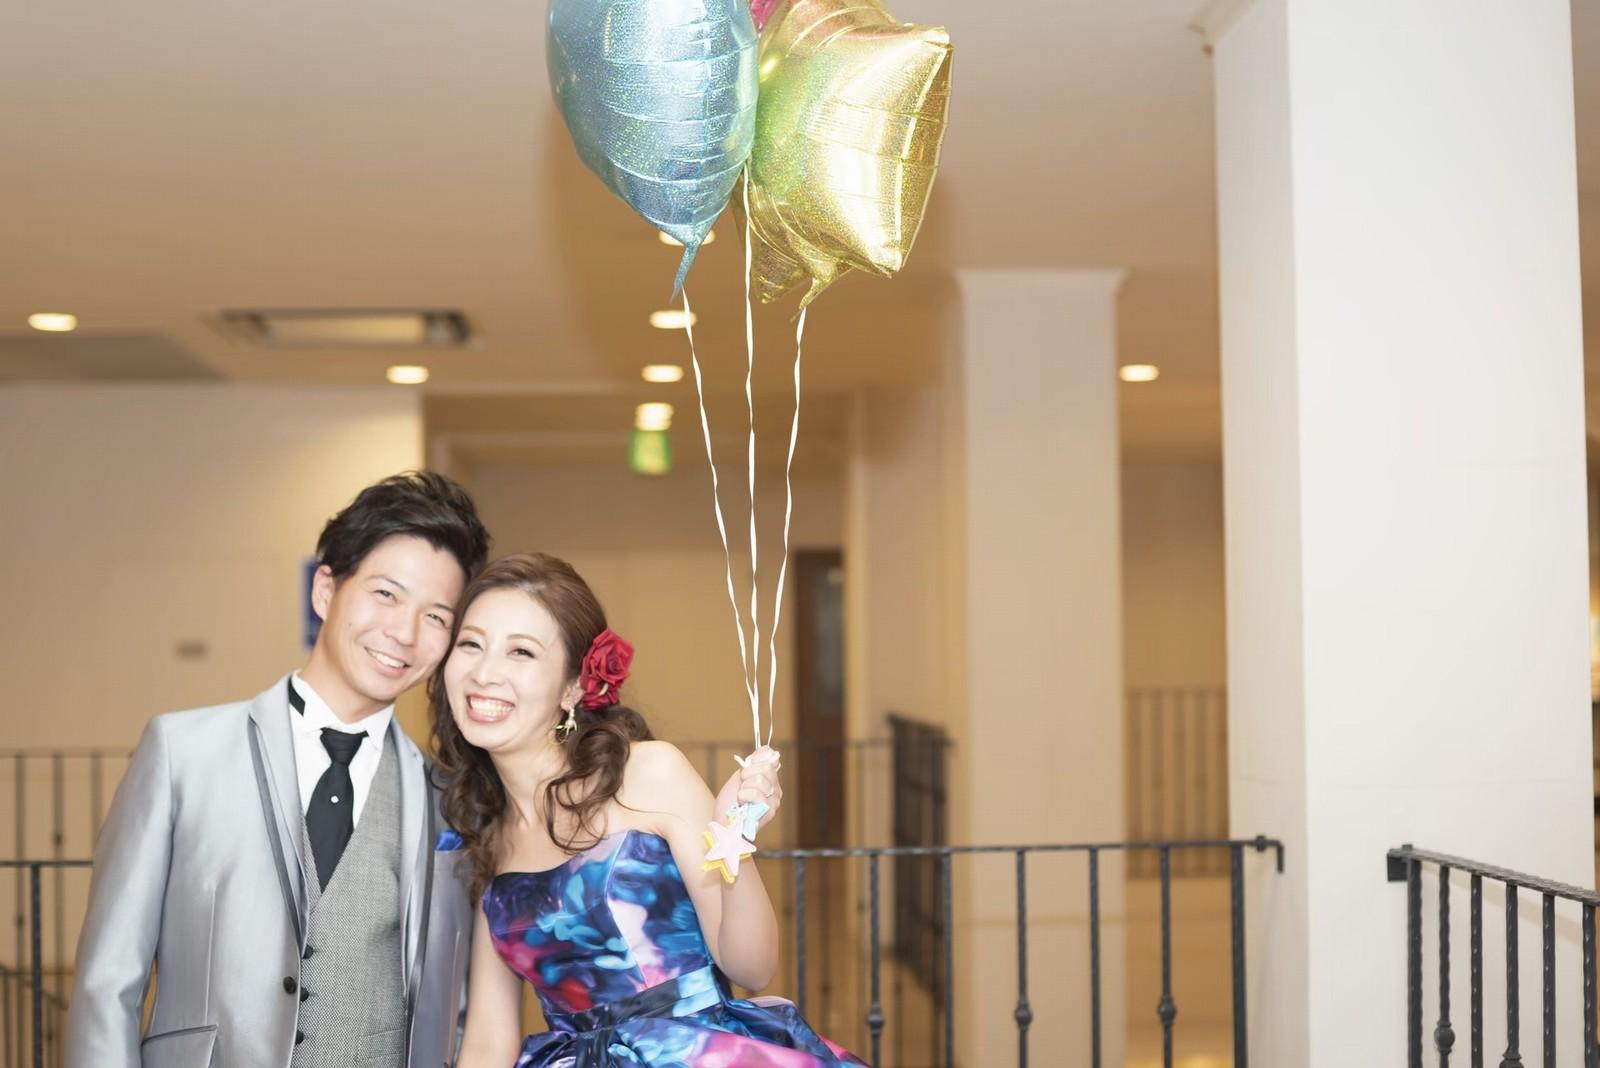 香川県の結婚式場シェルエメール&アイスタイルのツーショット